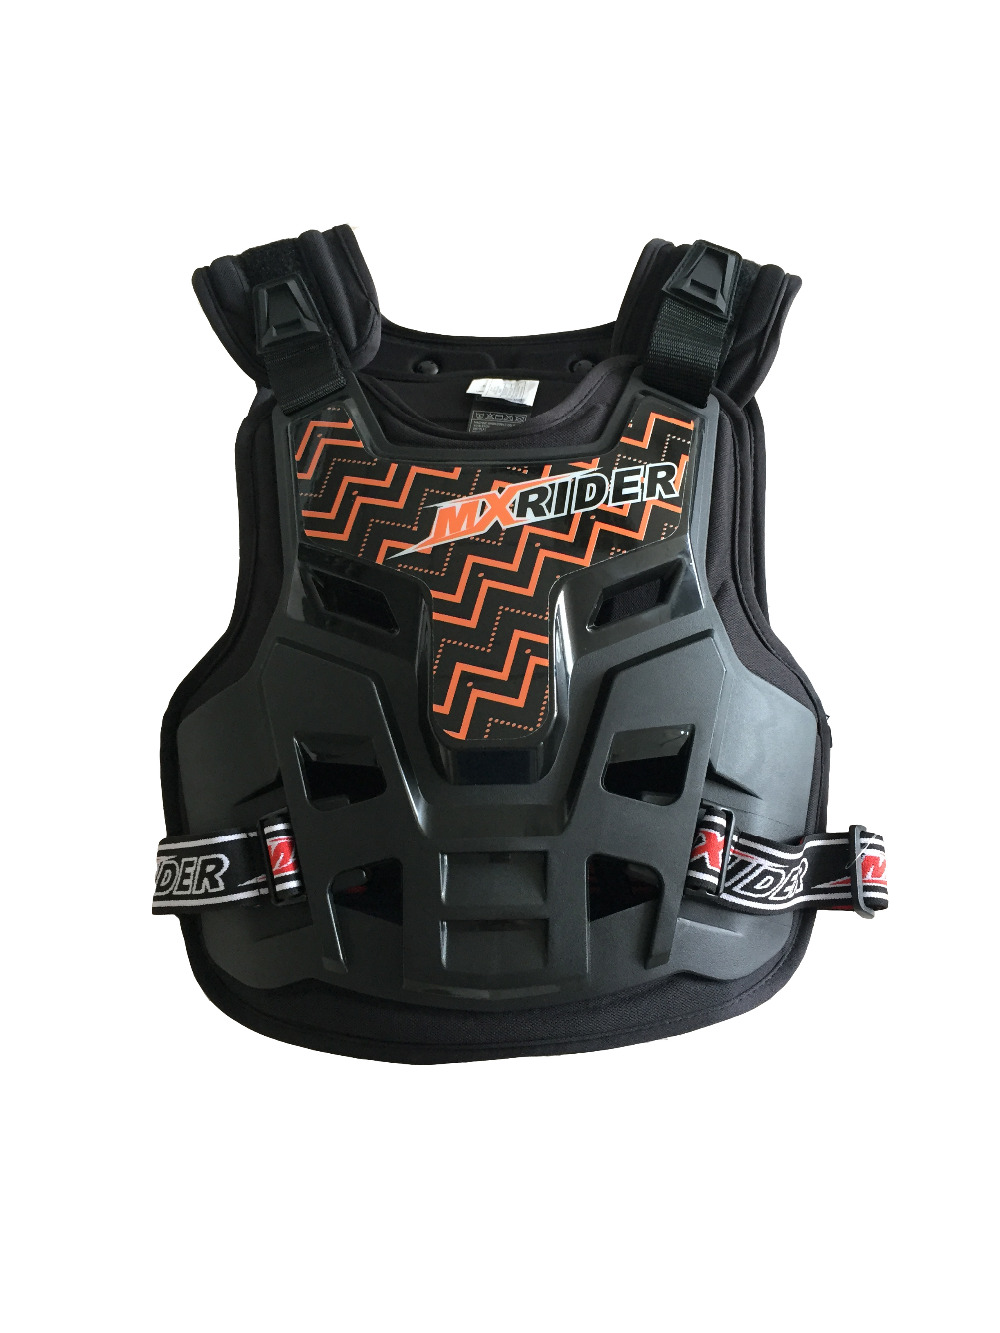 Мотоциклы мотокросс грудь задняя защита Броня жилет гоночный защитный корпус-защита MX Броня ATV охранники гоночная Броня Защита